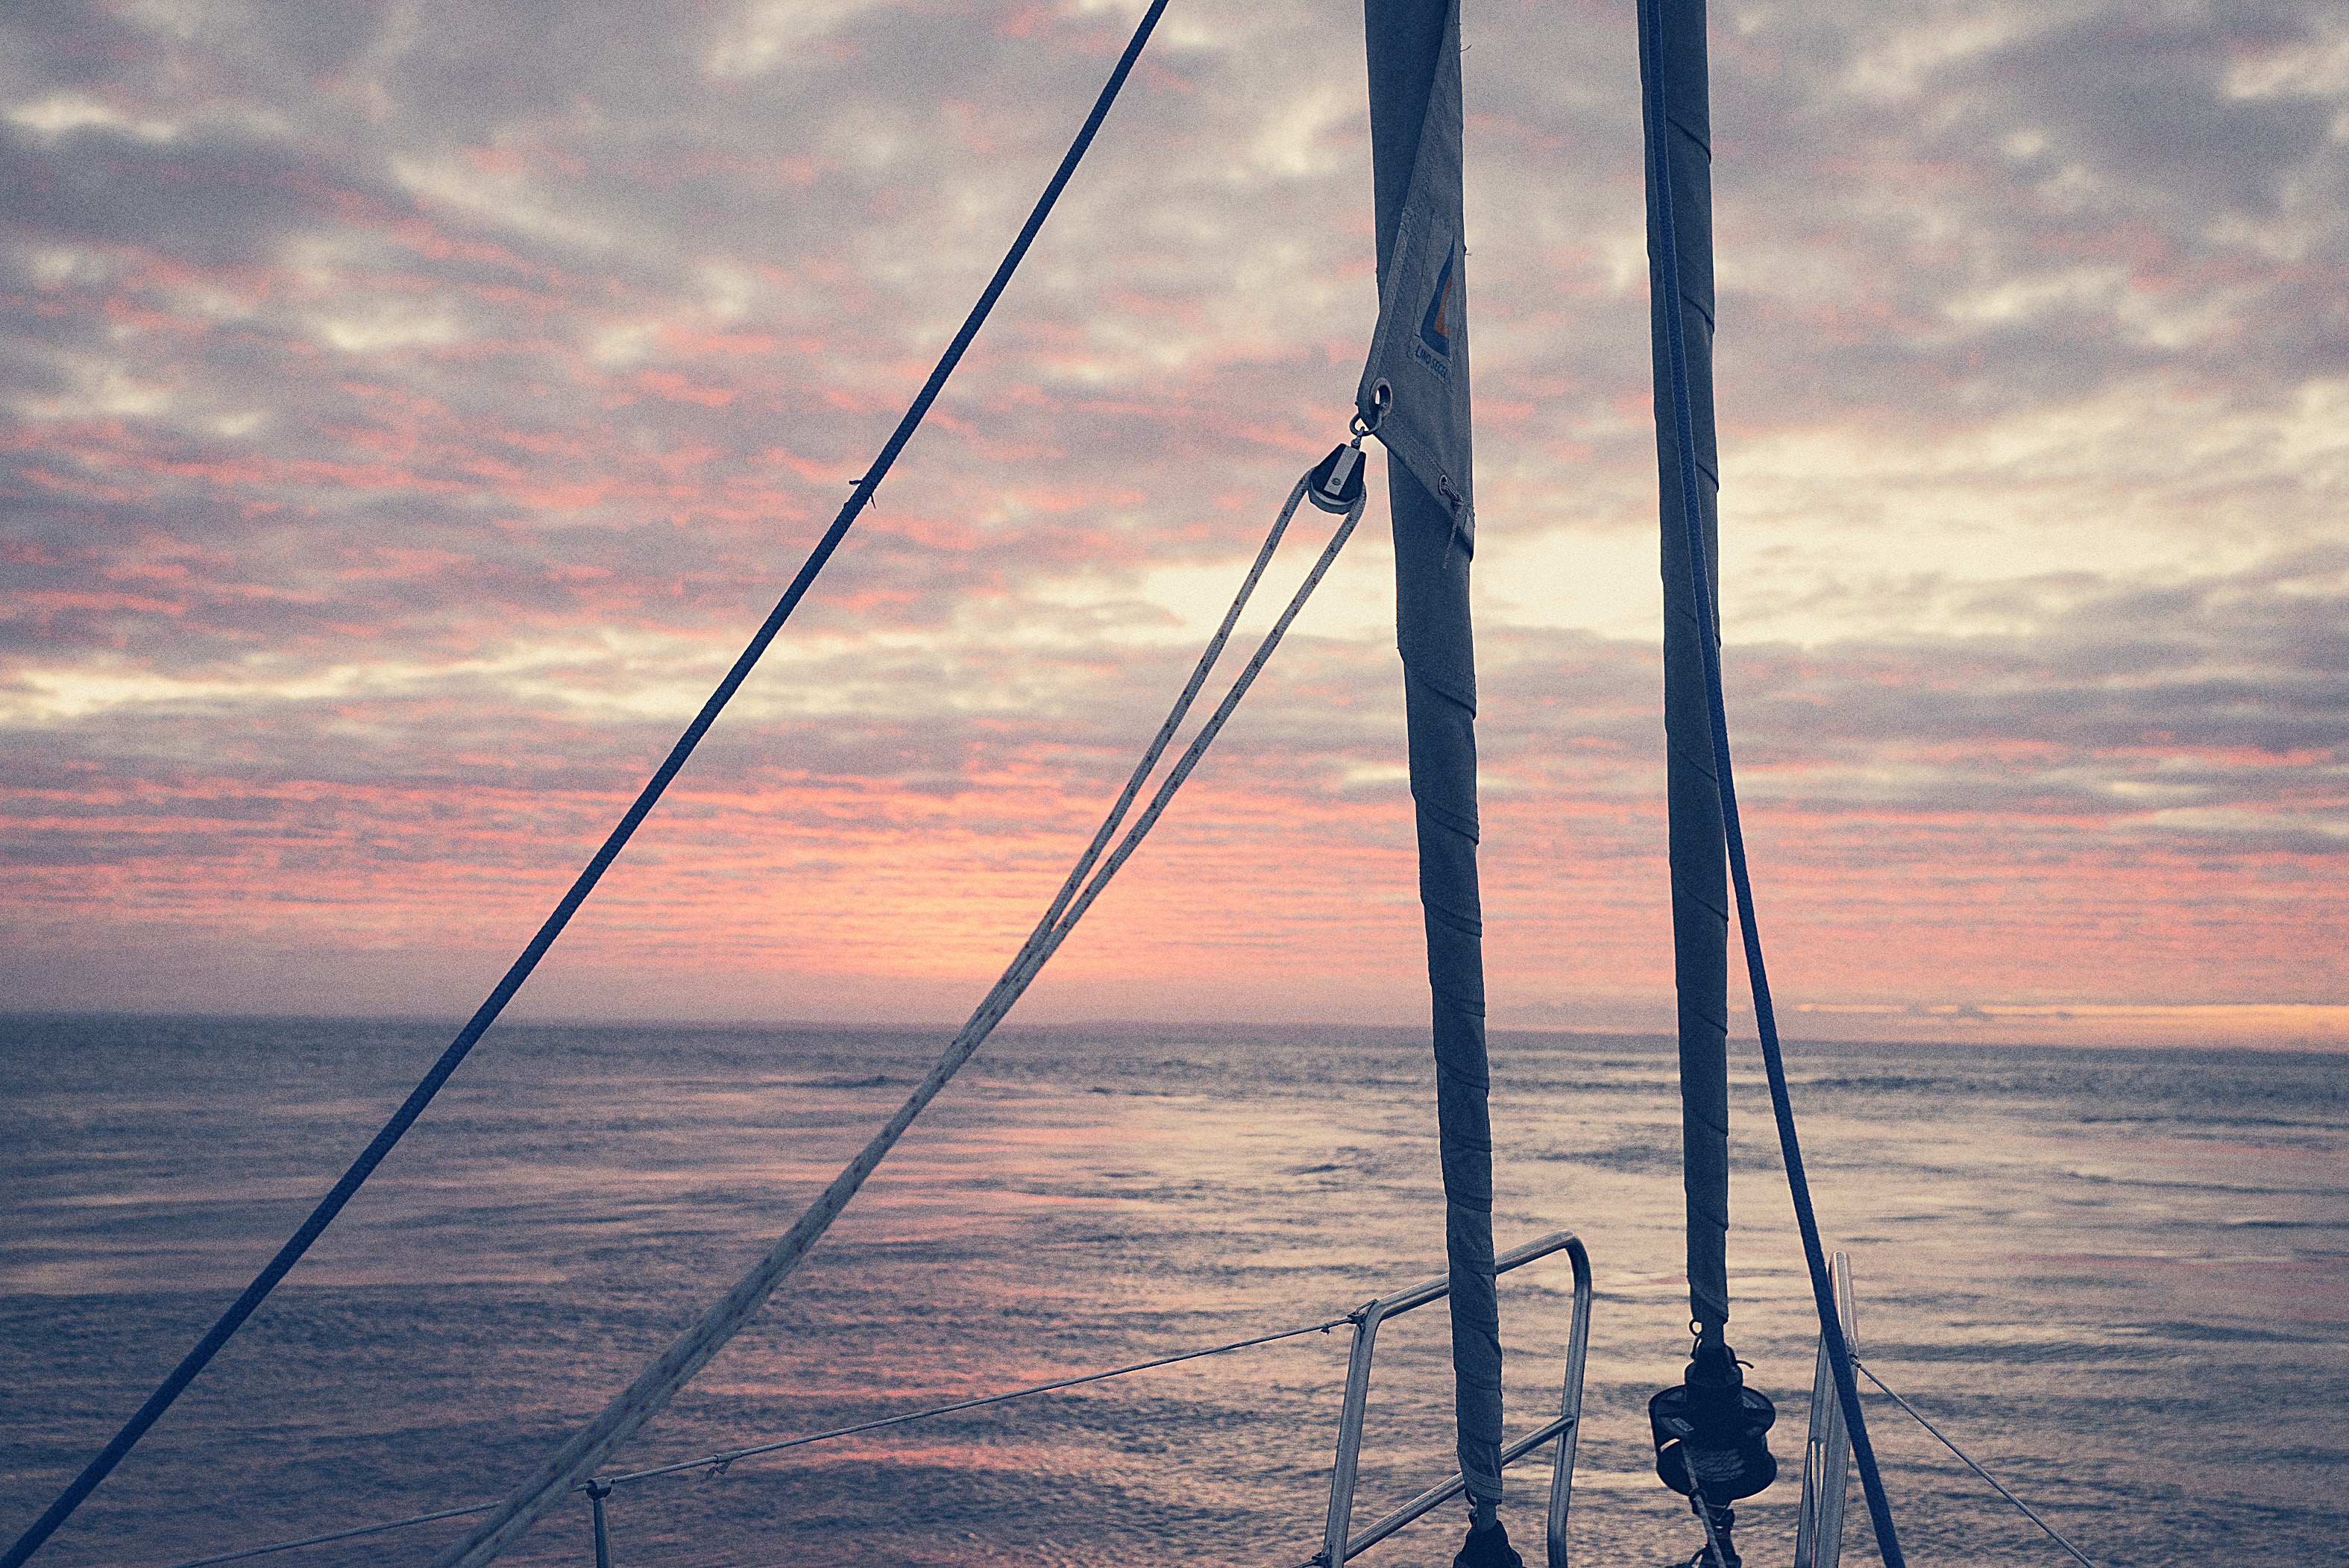 Biscayabukten: 2,5 dygns segling - massor av valar och delfiner